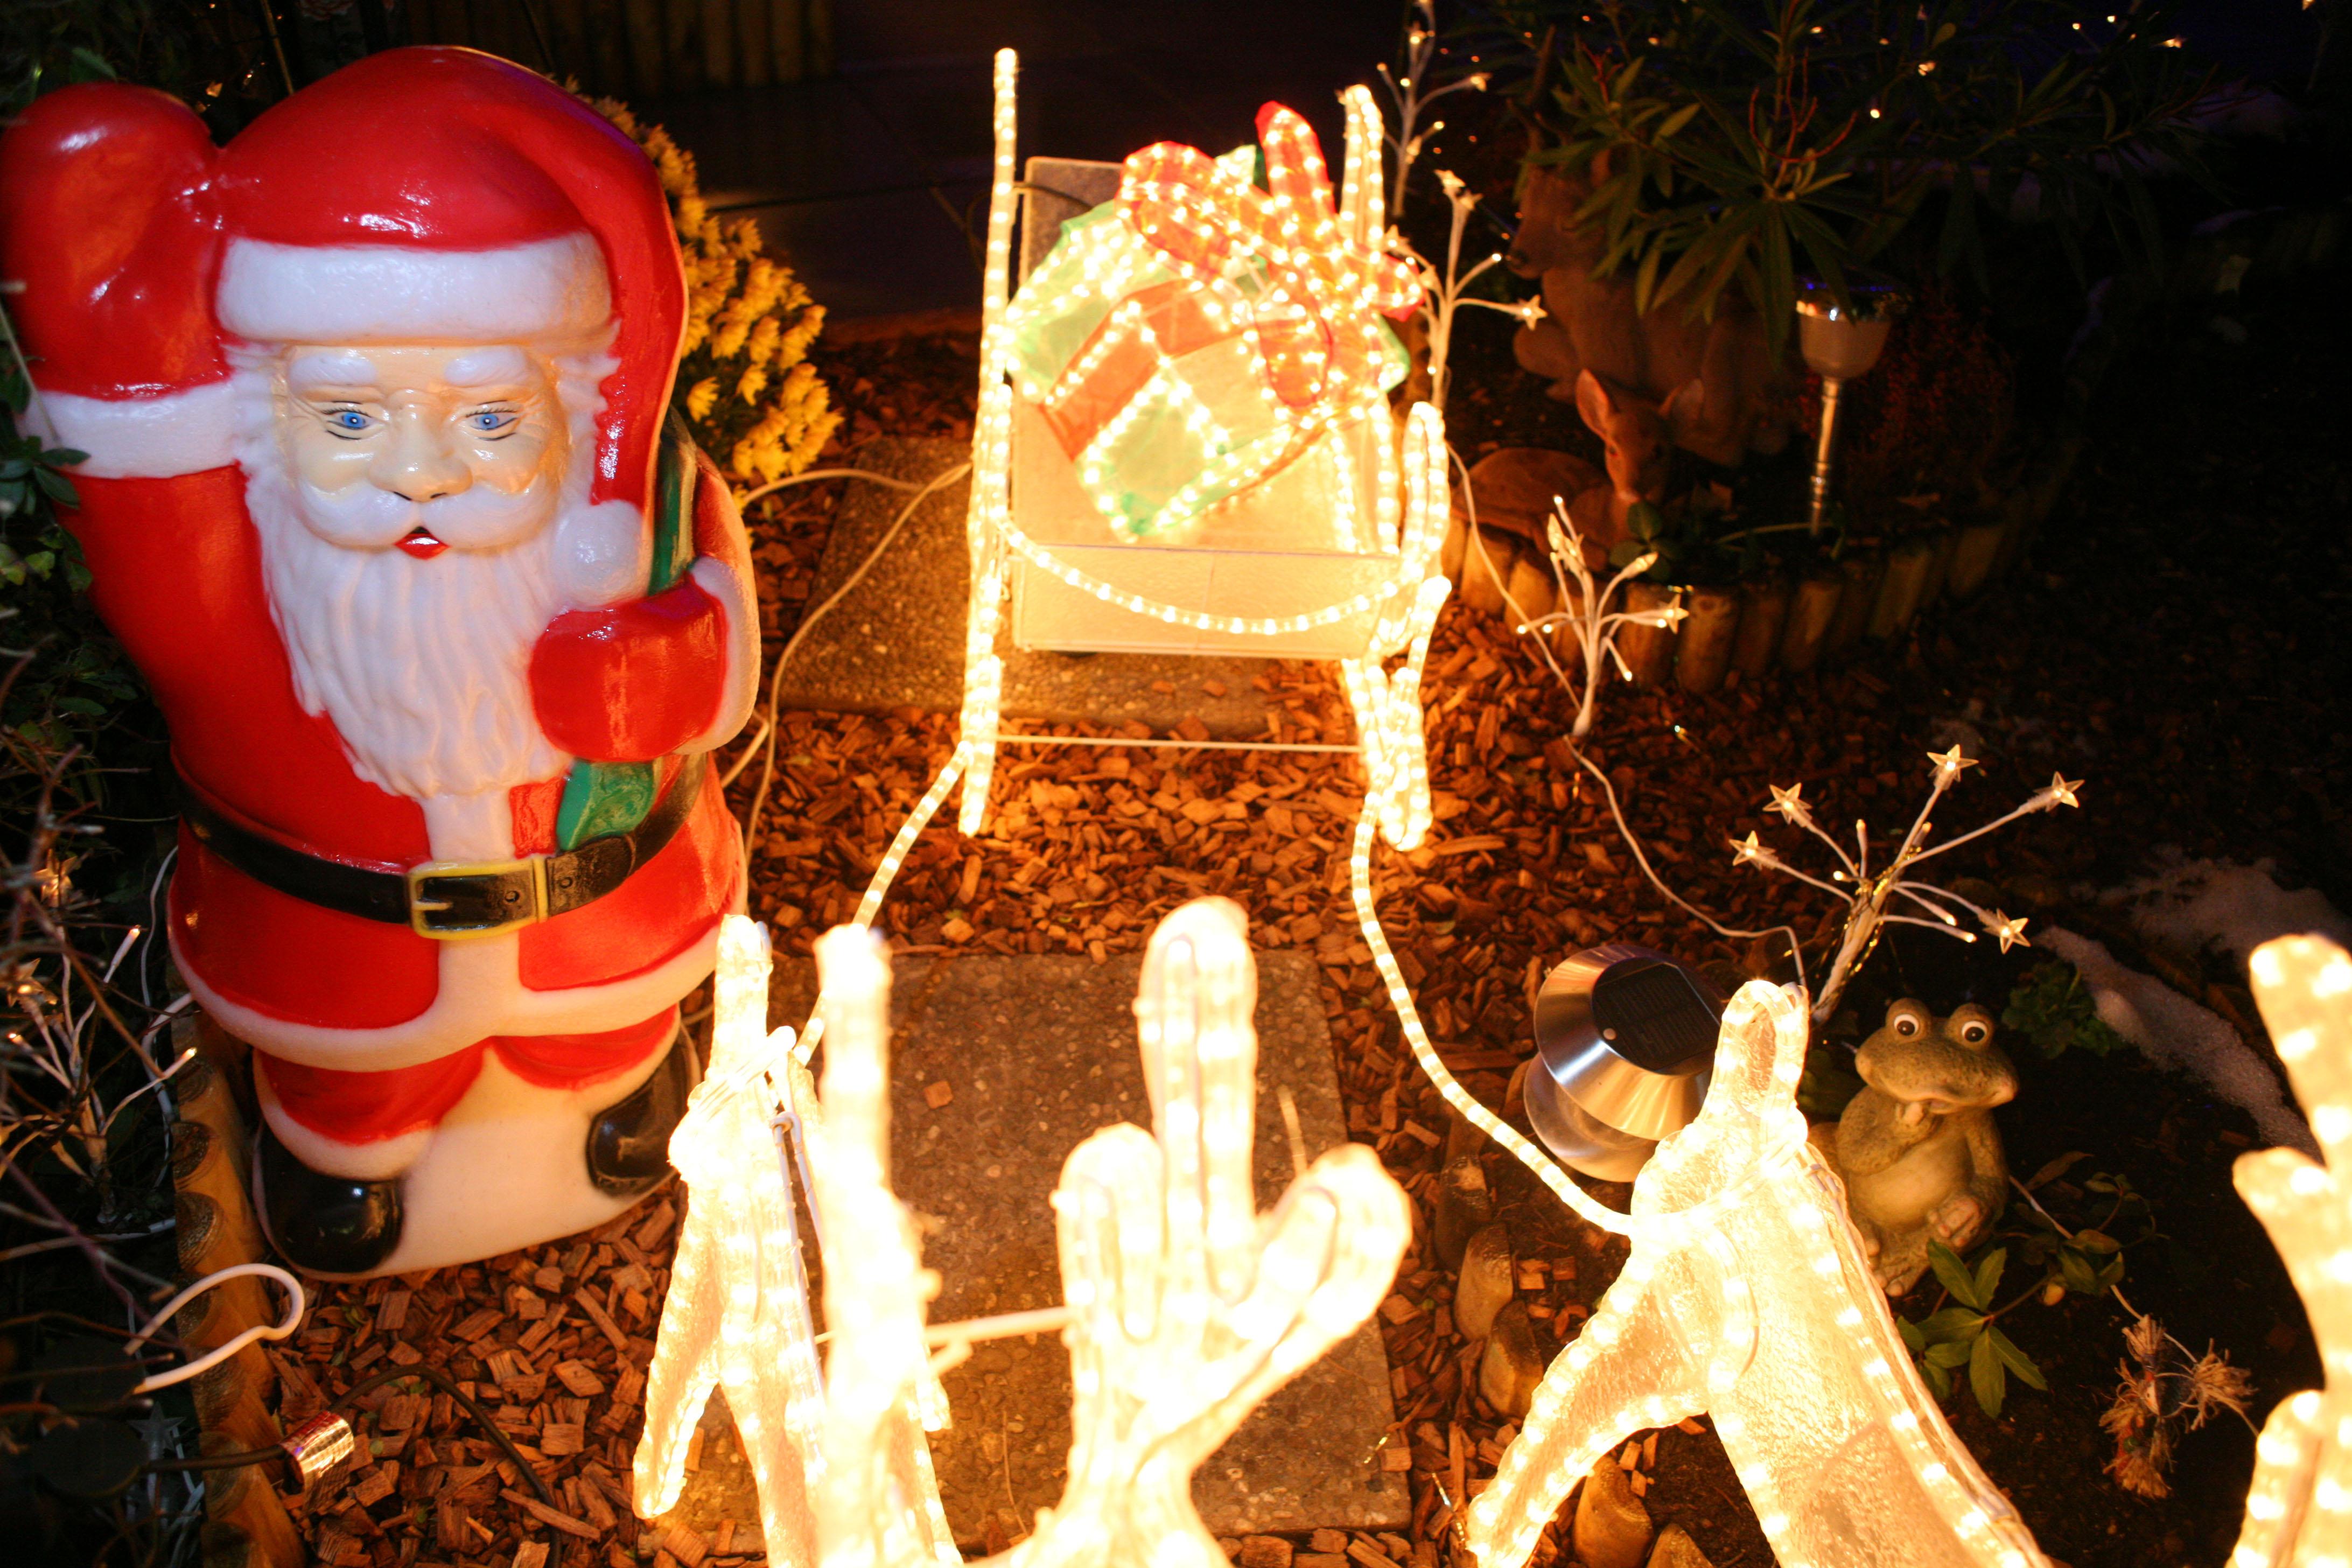 #C48507 Envoyez Nous Vos Photos De Décorations De Noël Signé Genève 5435 decorations de noel geneve 4368x2912 px @ aertt.com